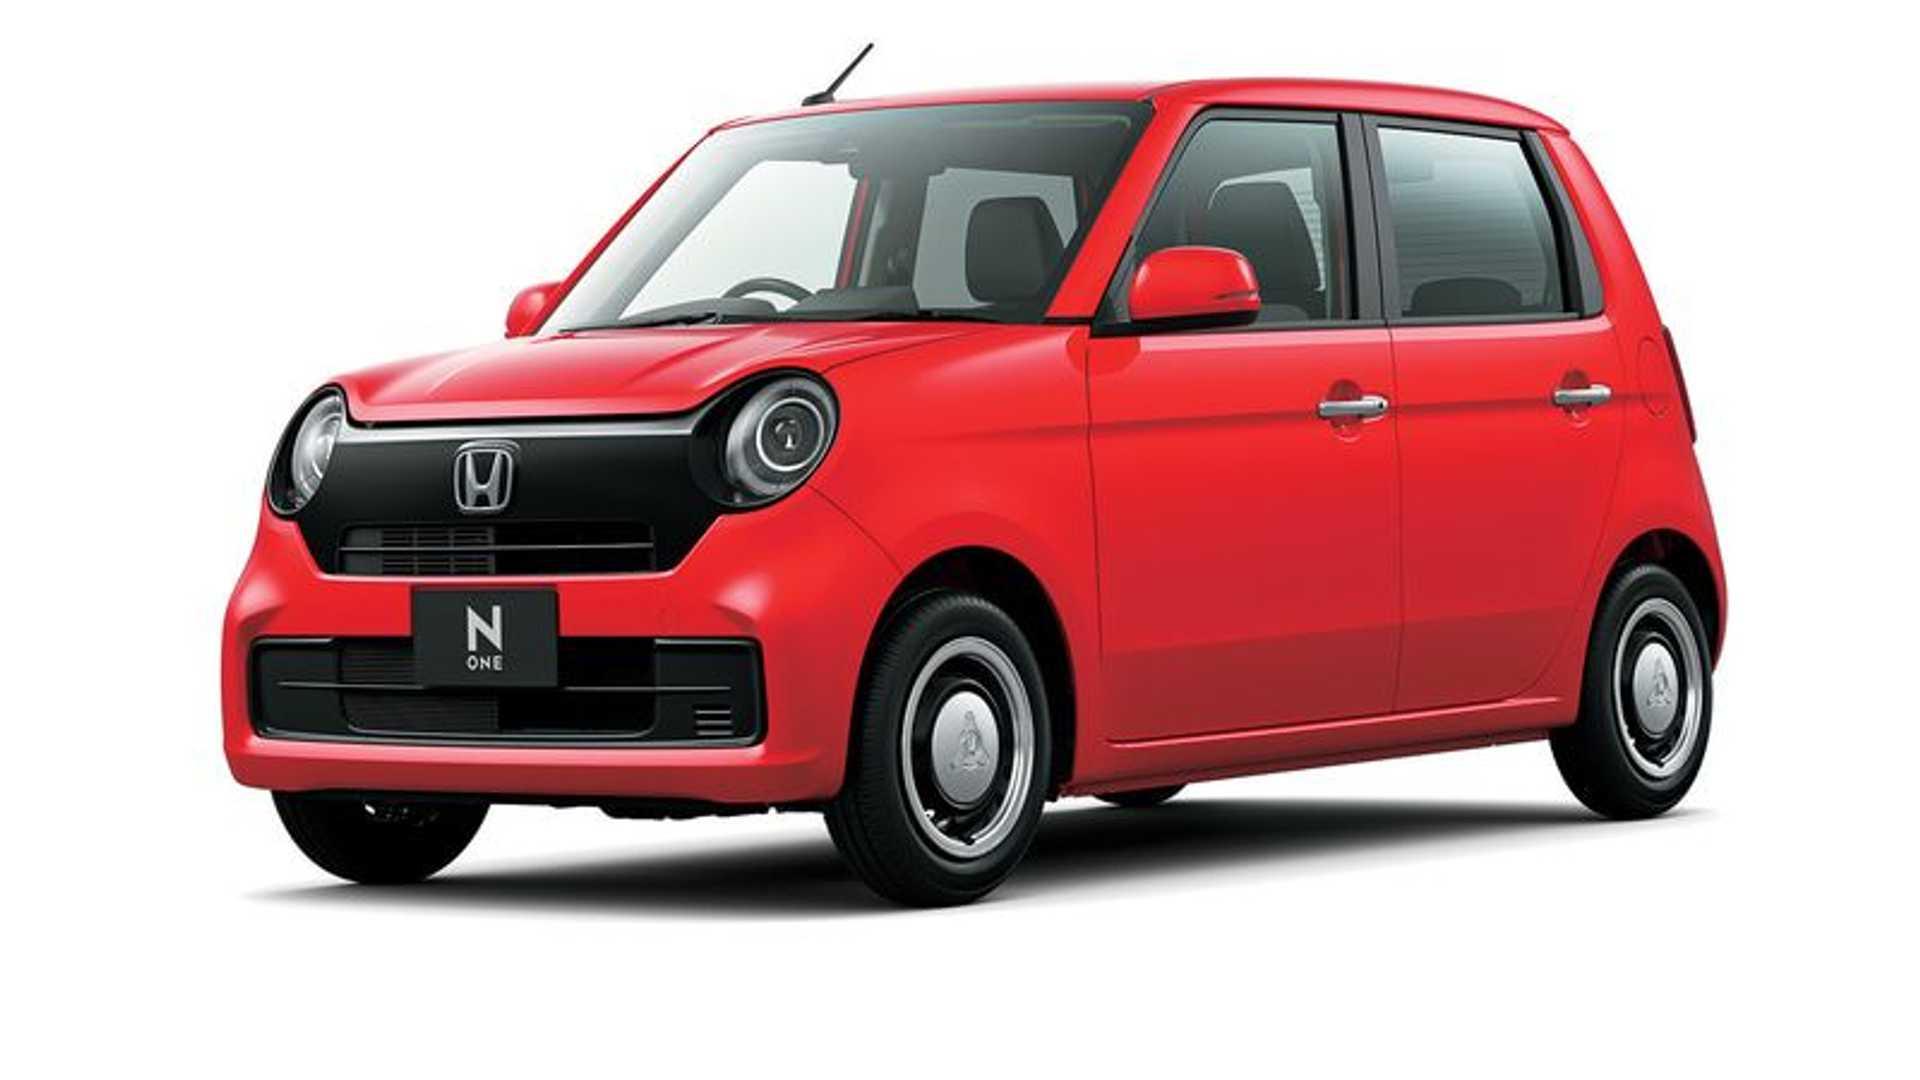 日本经典K-car车型 全新本田N ONE官图发布